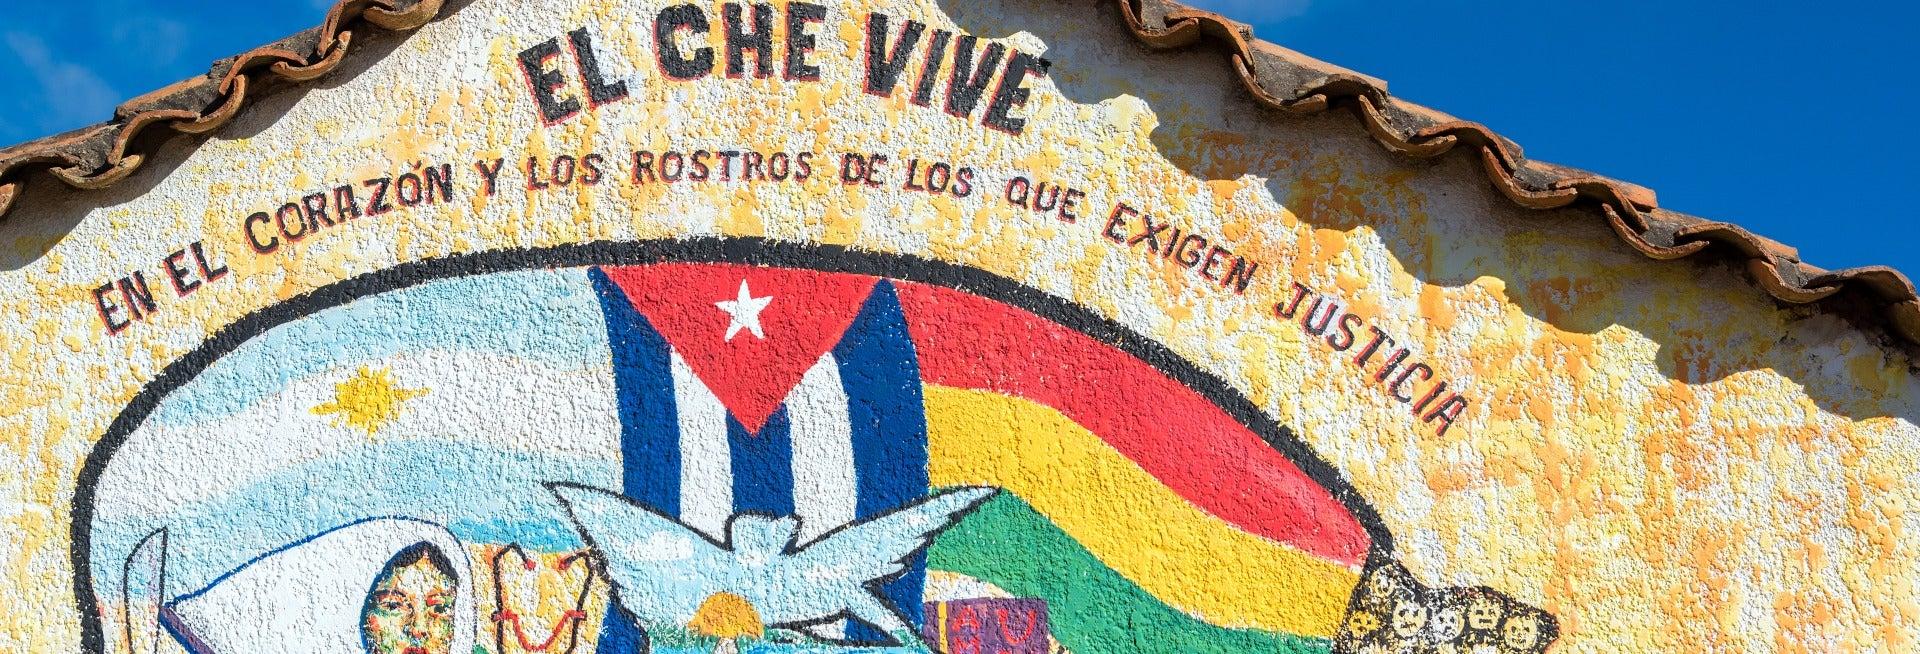 Tour de 3 dias pela rota do Che Guevara